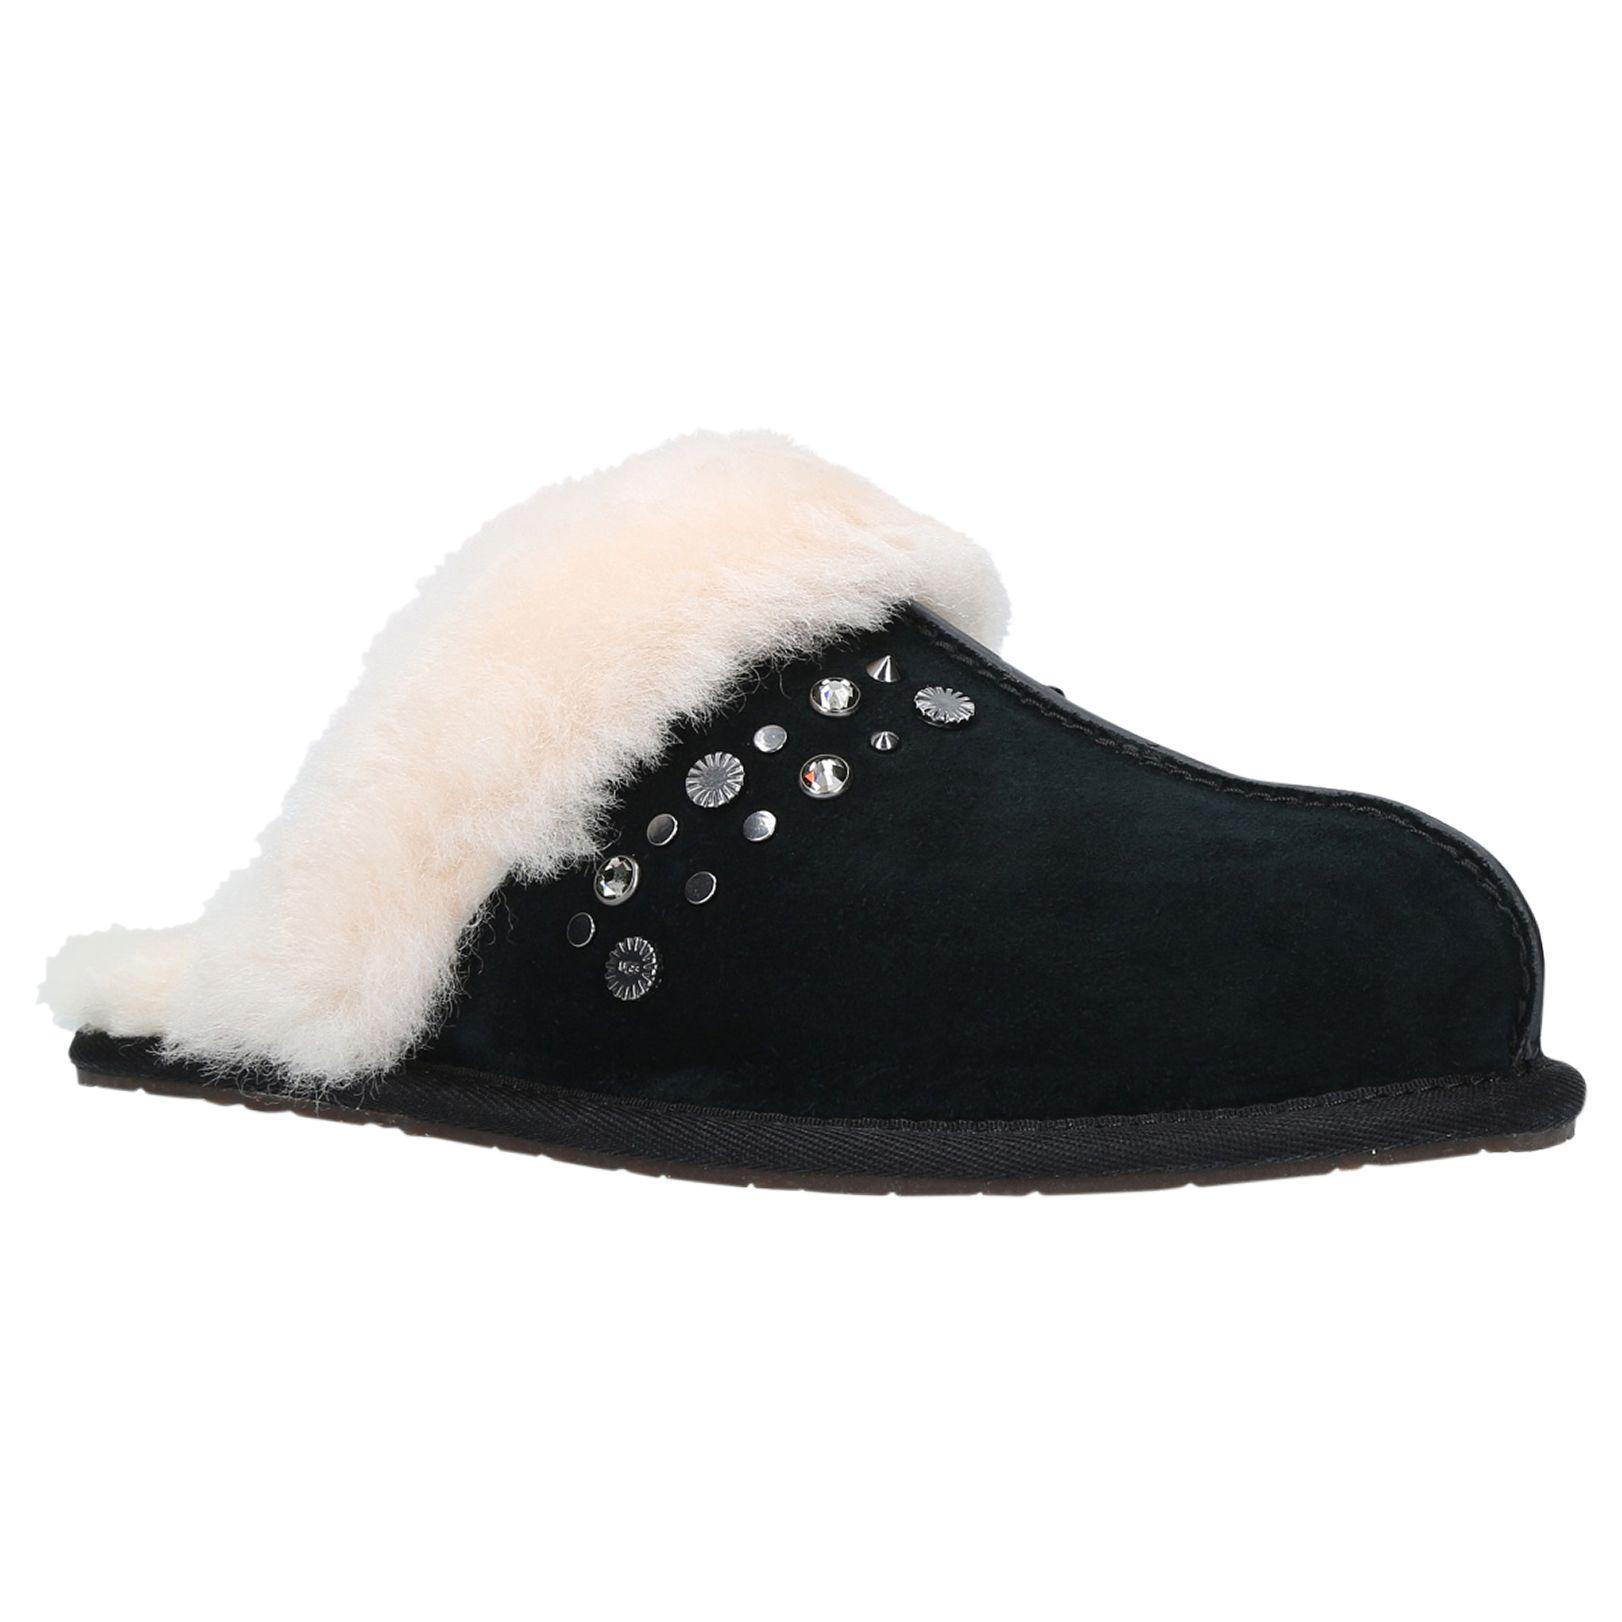 15de63cbdf43 Ugg Scuffette Ii Bling Stud Sheepskin Slippers in Black - Lyst